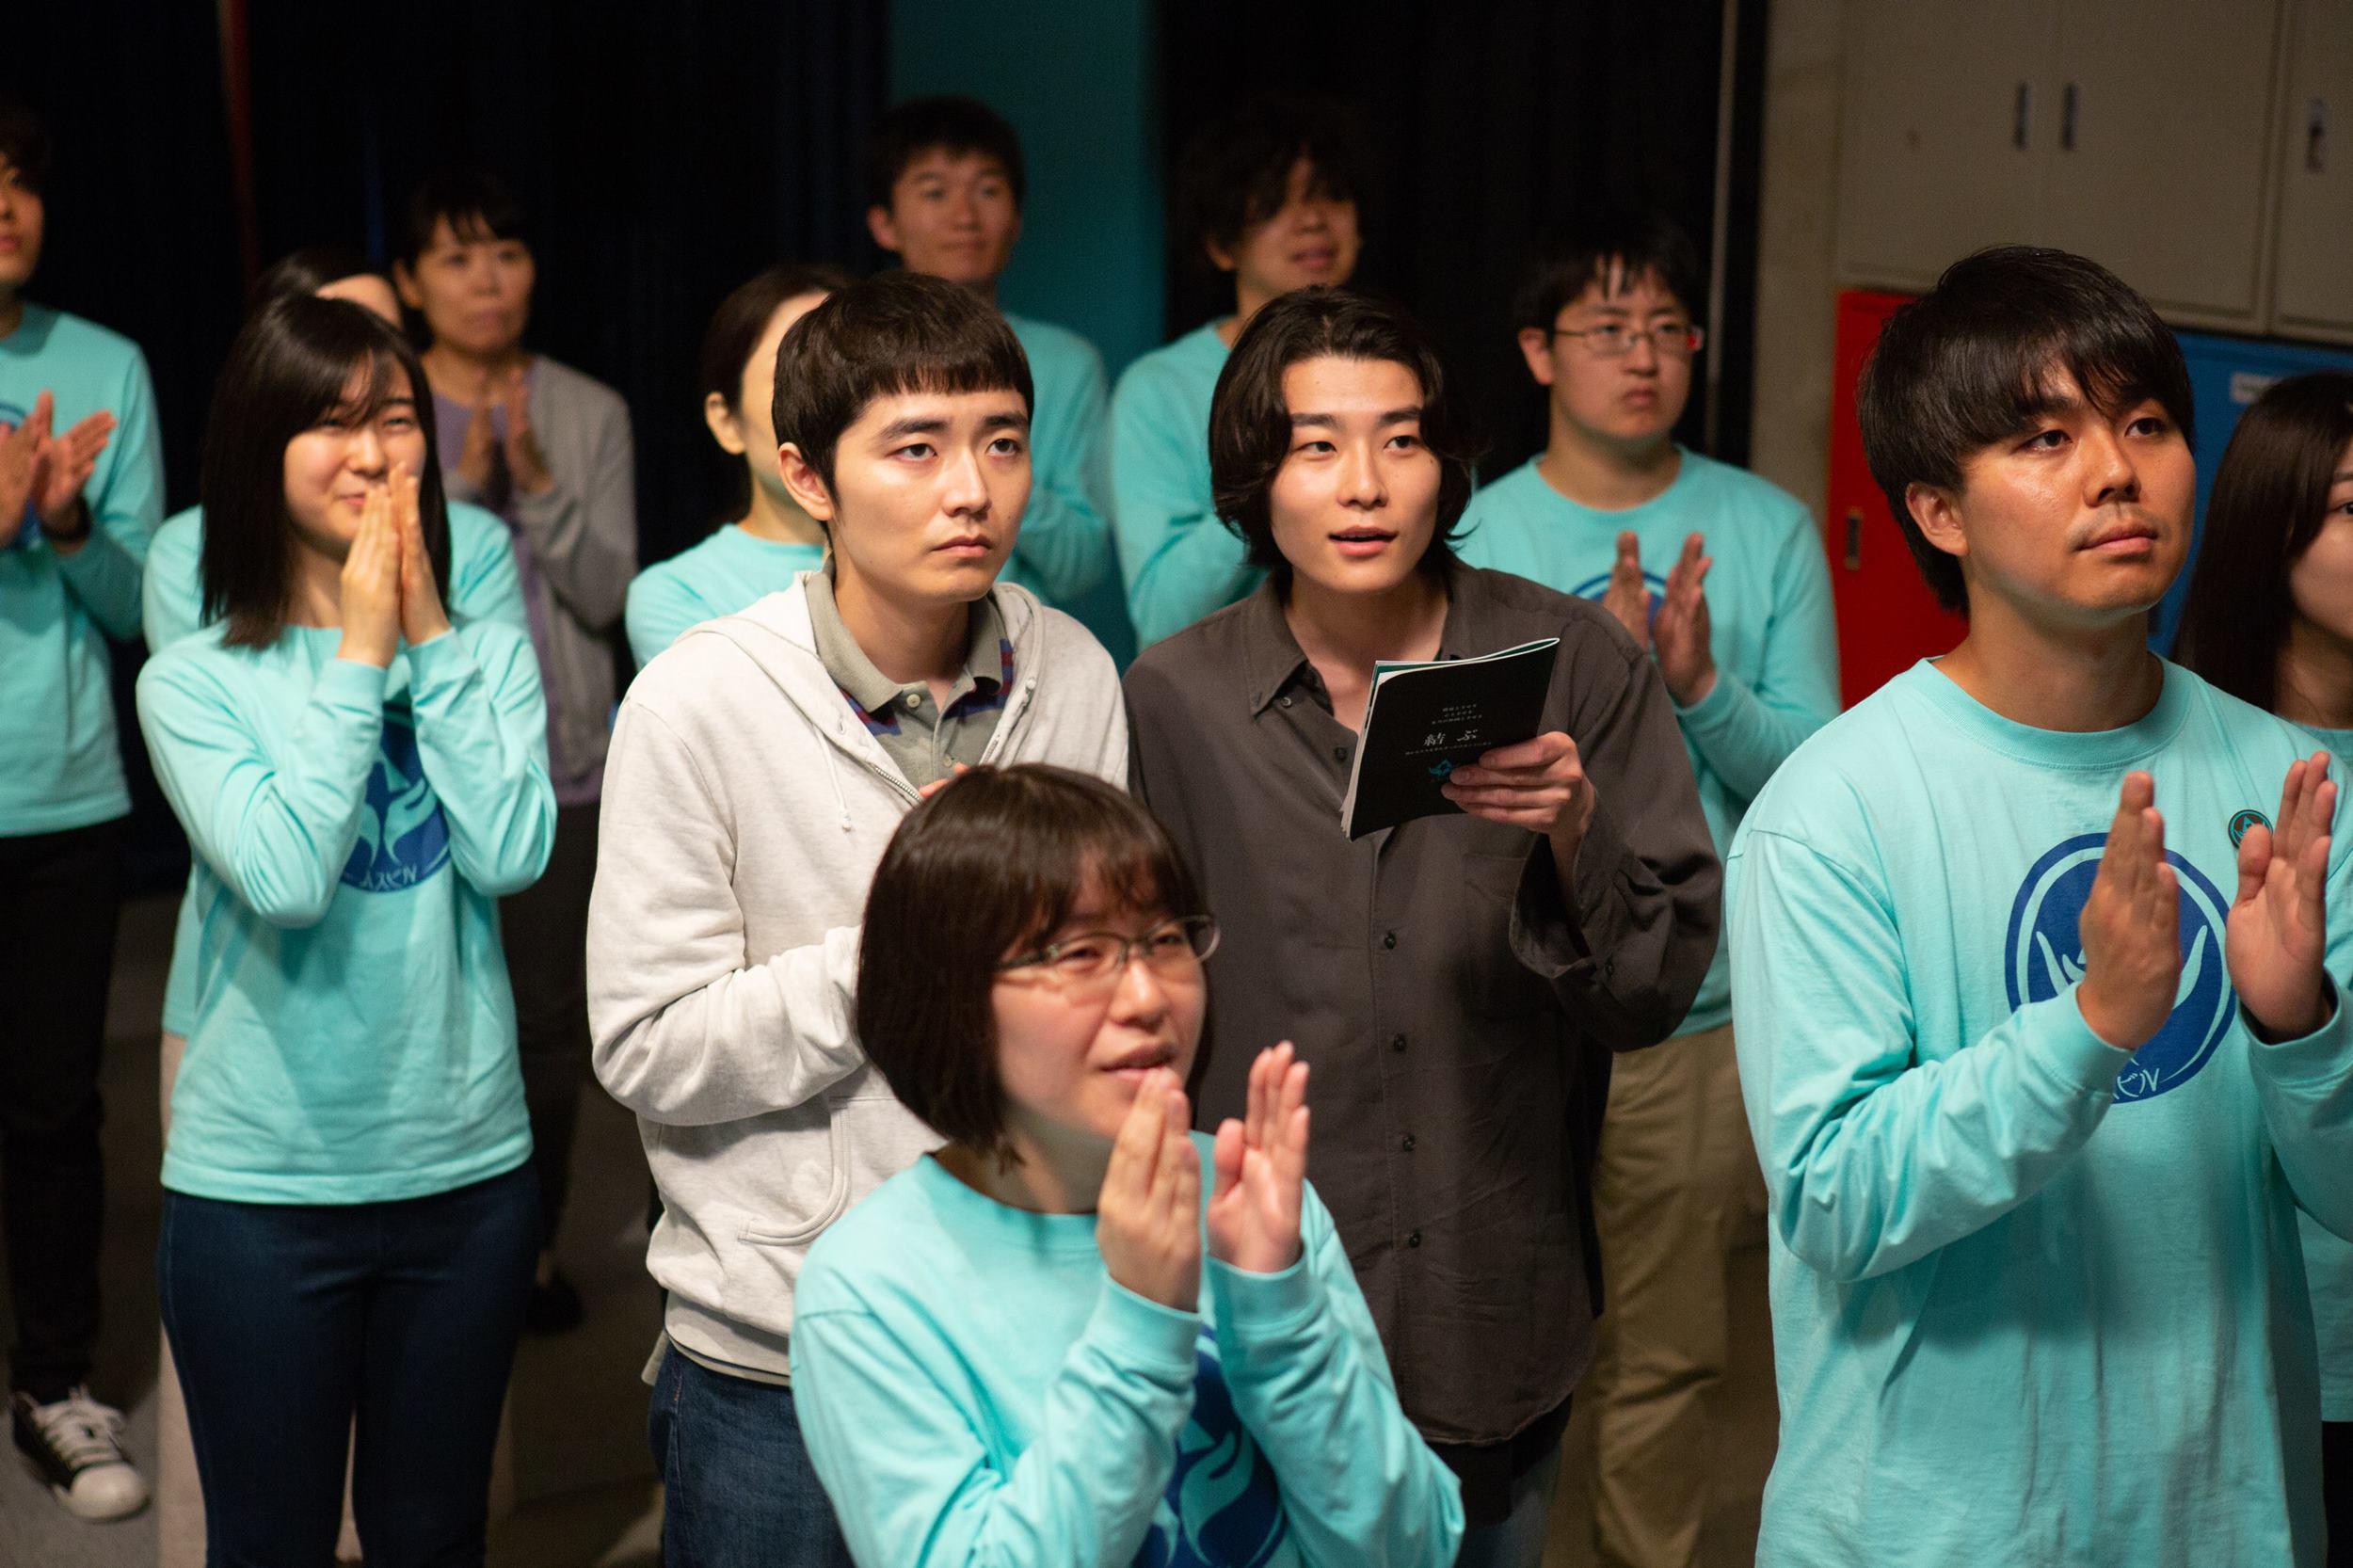 《一屍到底》導演上田慎一郎 正宗執導第2部作品《特約經紀公司》